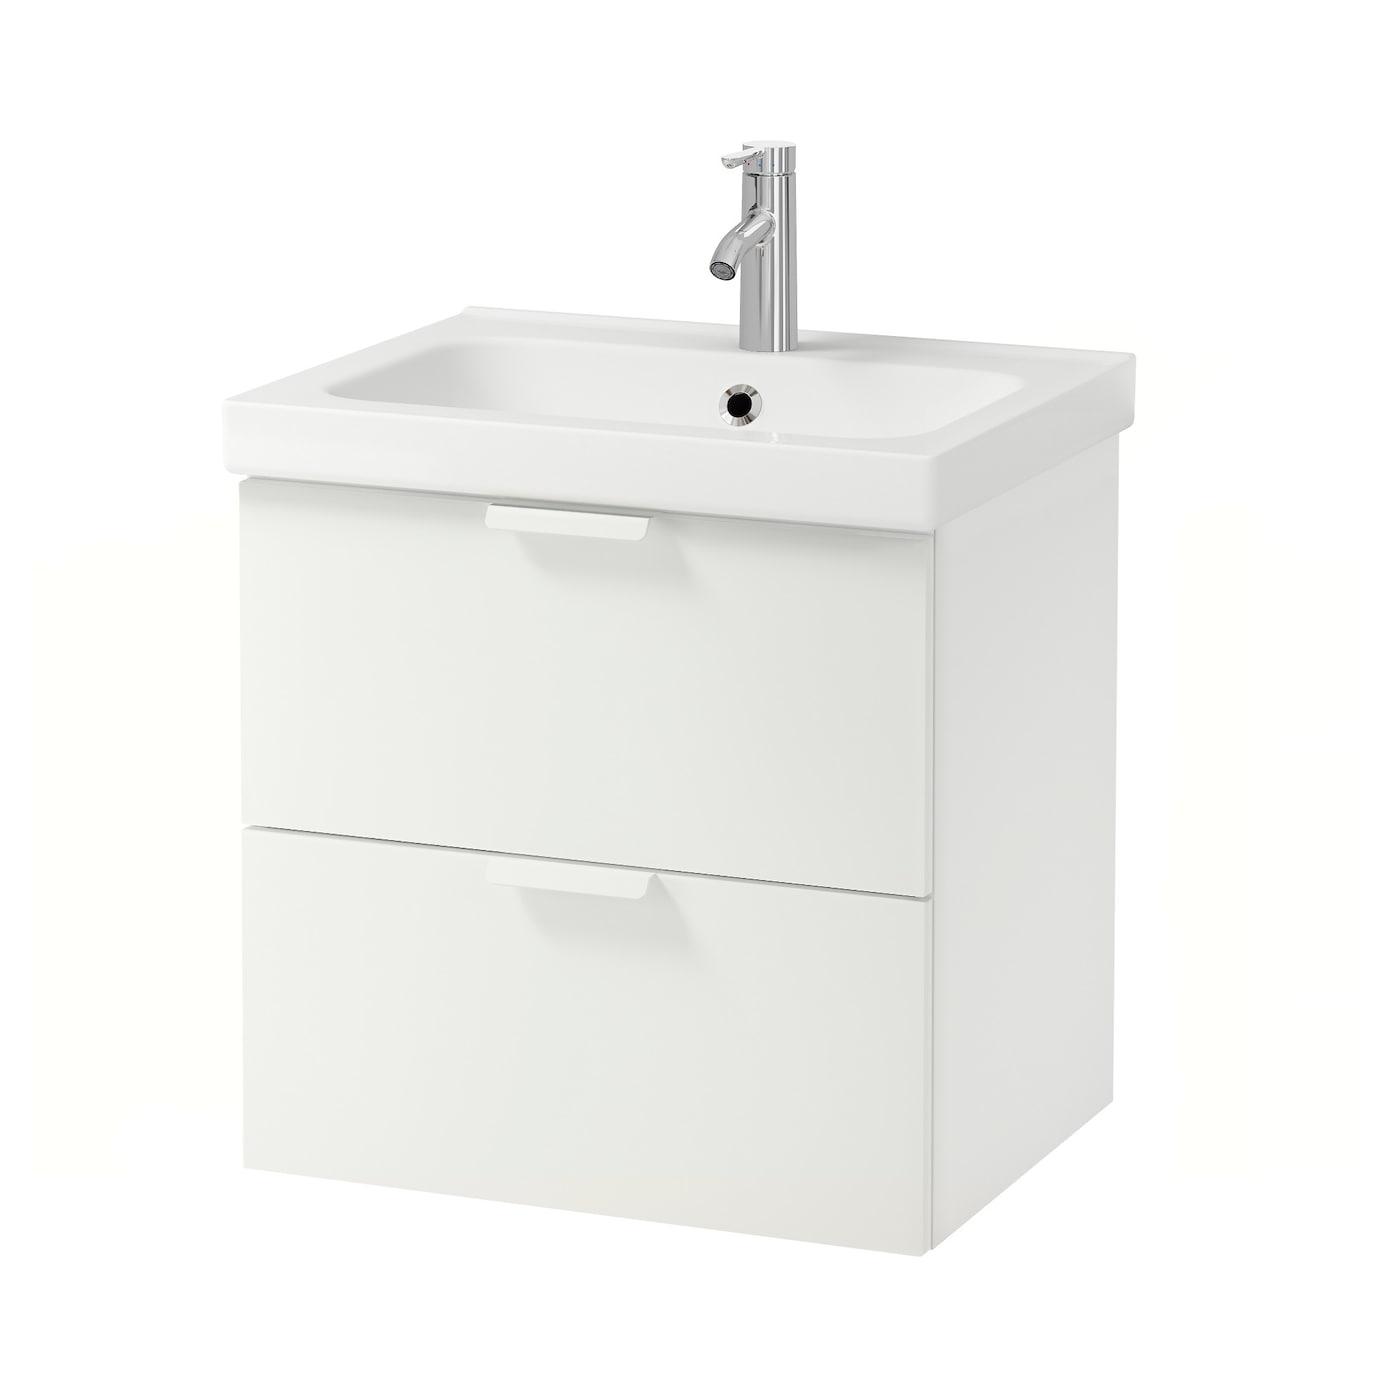 Ikea Frisiertisch Glasplatte ~ IKEA GODMORGON ODENSVIK wash stand with 2 drawers